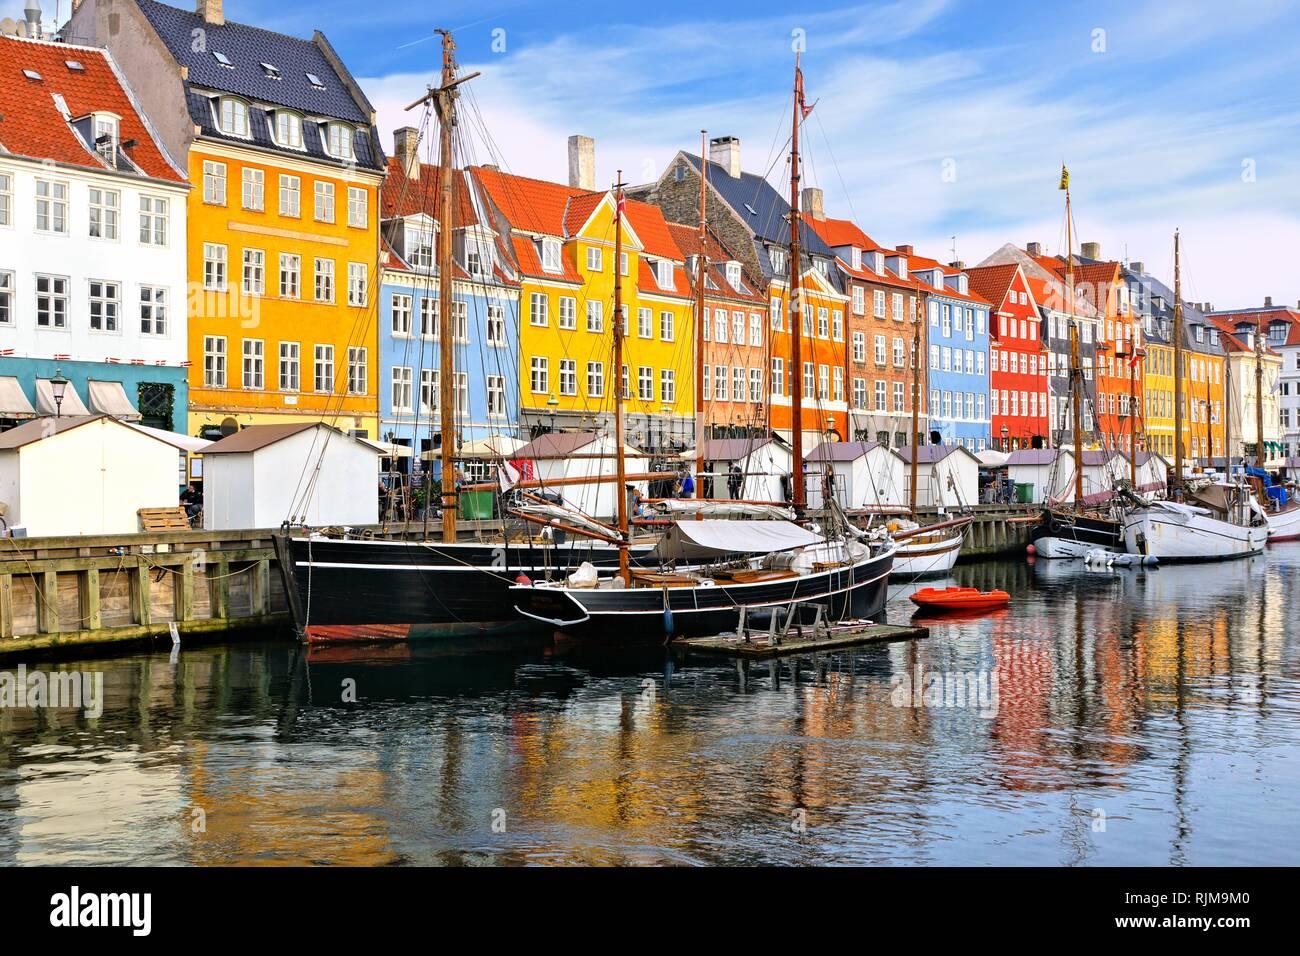 Les bâtiments au bord de navires et le long de l'historique canal de Nyhavn, Copenhague, Danemark Banque D'Images